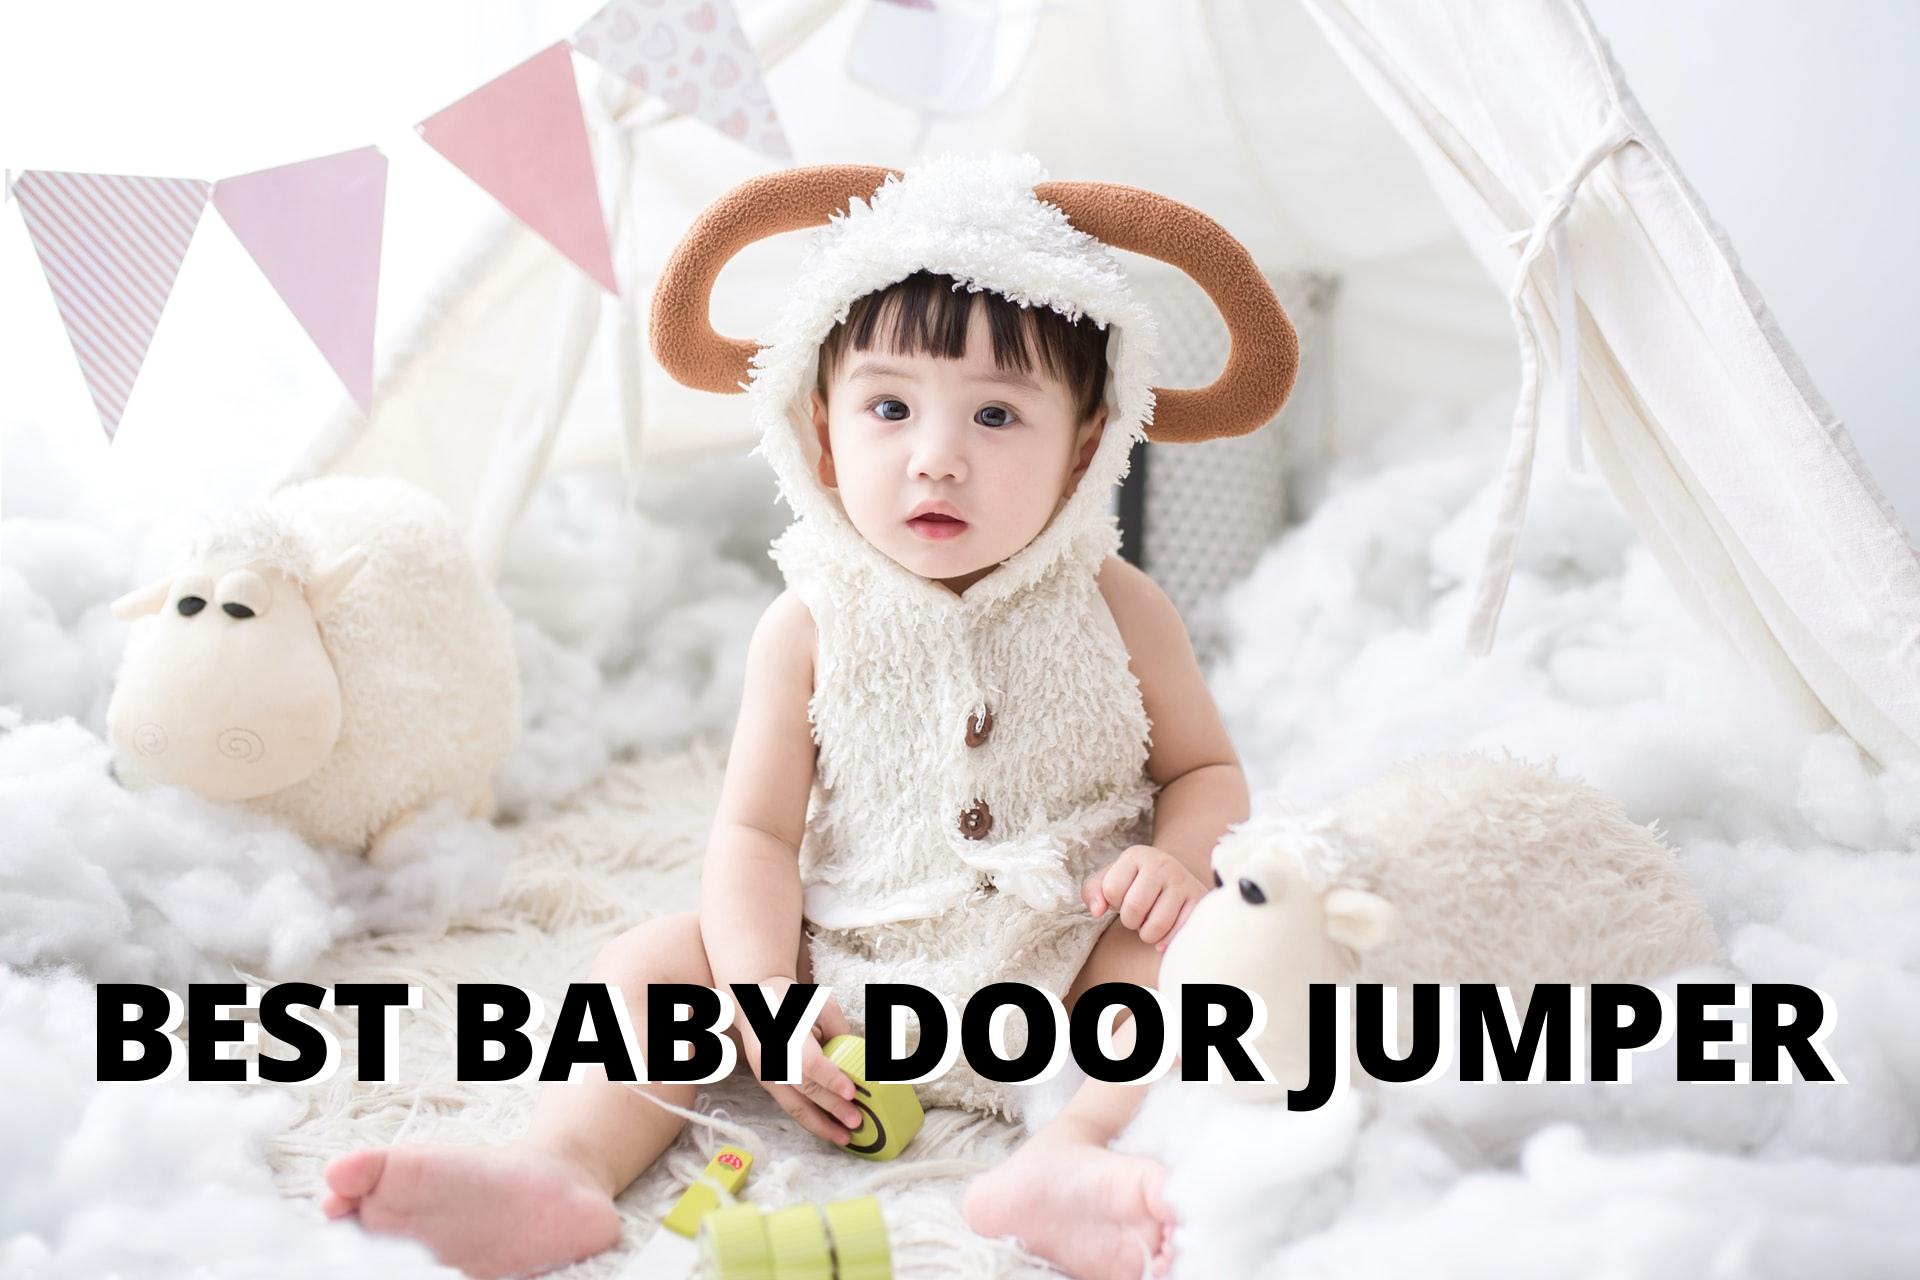 BEST BABY DOOR JUMPER